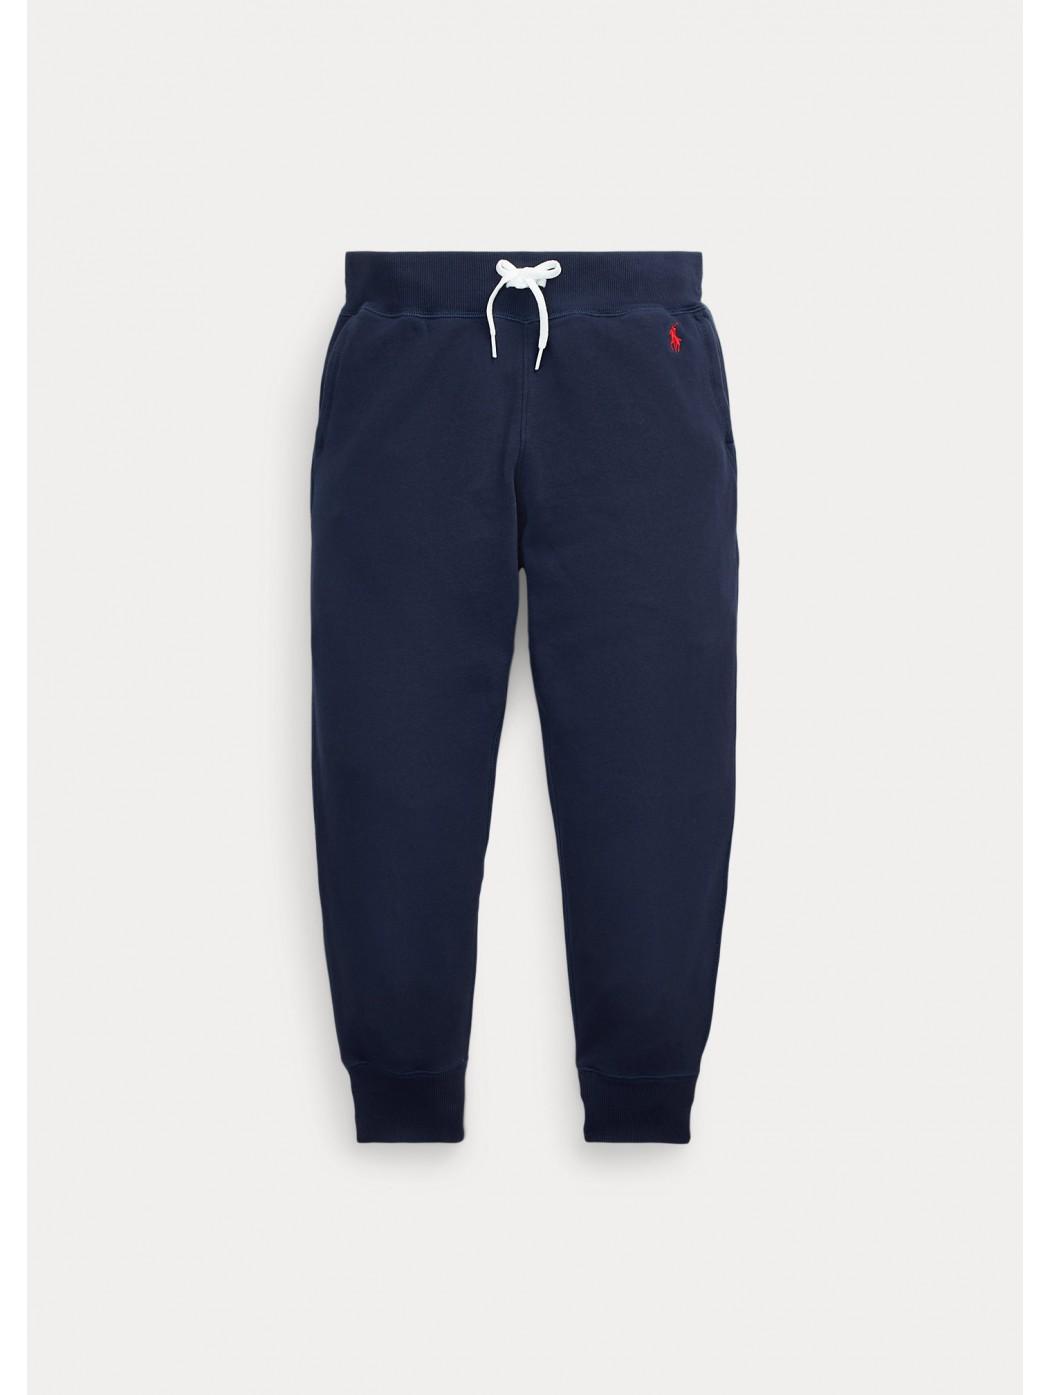 Pantaloni da jogging in felpa POLO RALPH LAUREN DONNA 211794397 003